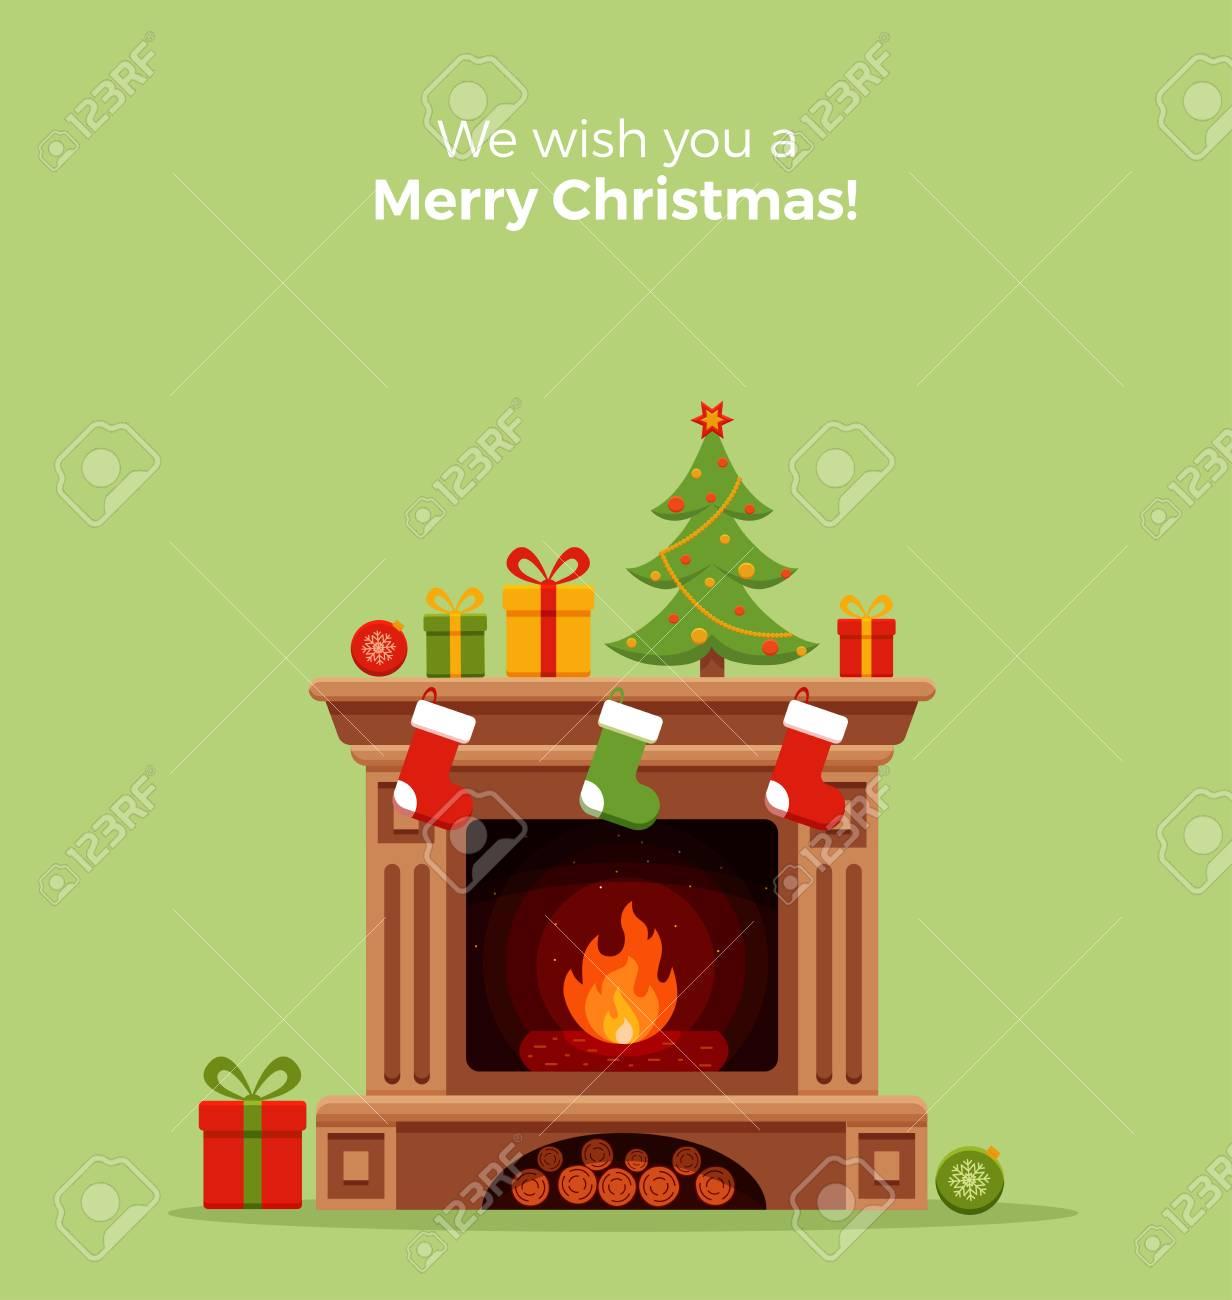 Dibujos Chimeneas De Navidad.Navidad Sala De La Chimenea Interior En El Estilo De Dibujos Animados De Colores Planos Arbol De Navidad Regalos Decoracion Chimenea Noche De